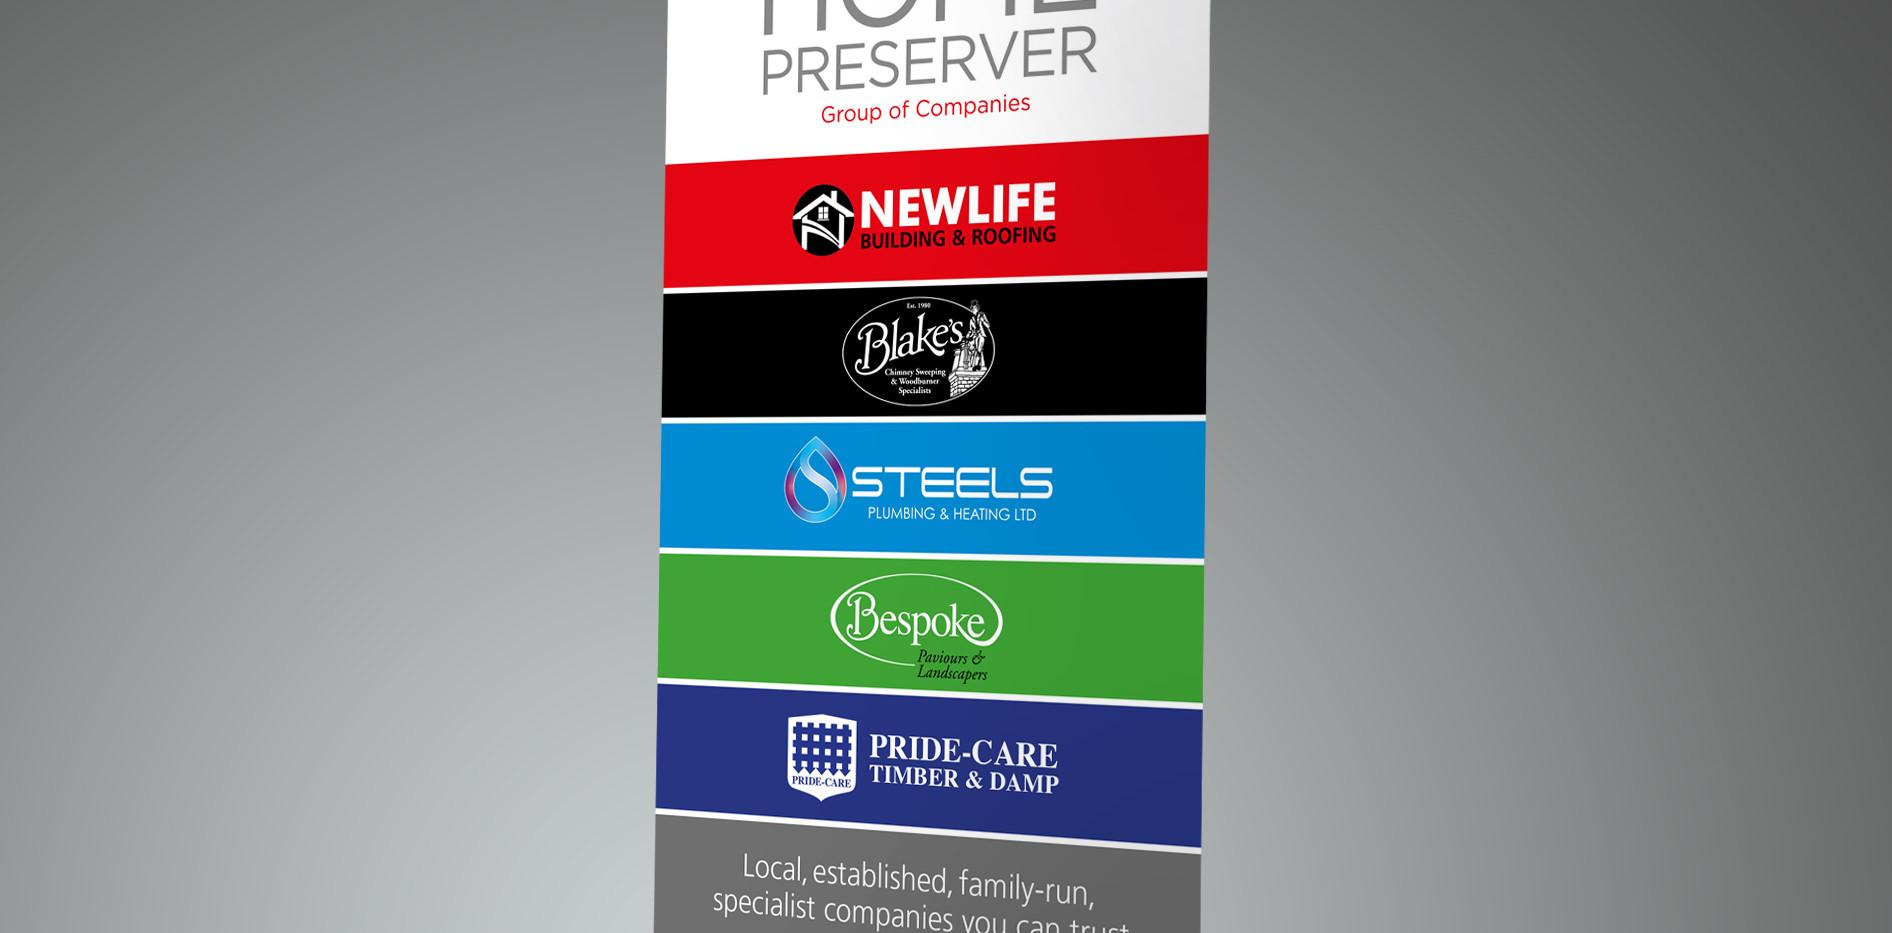 Home-Preserver-roller-banner.jpg